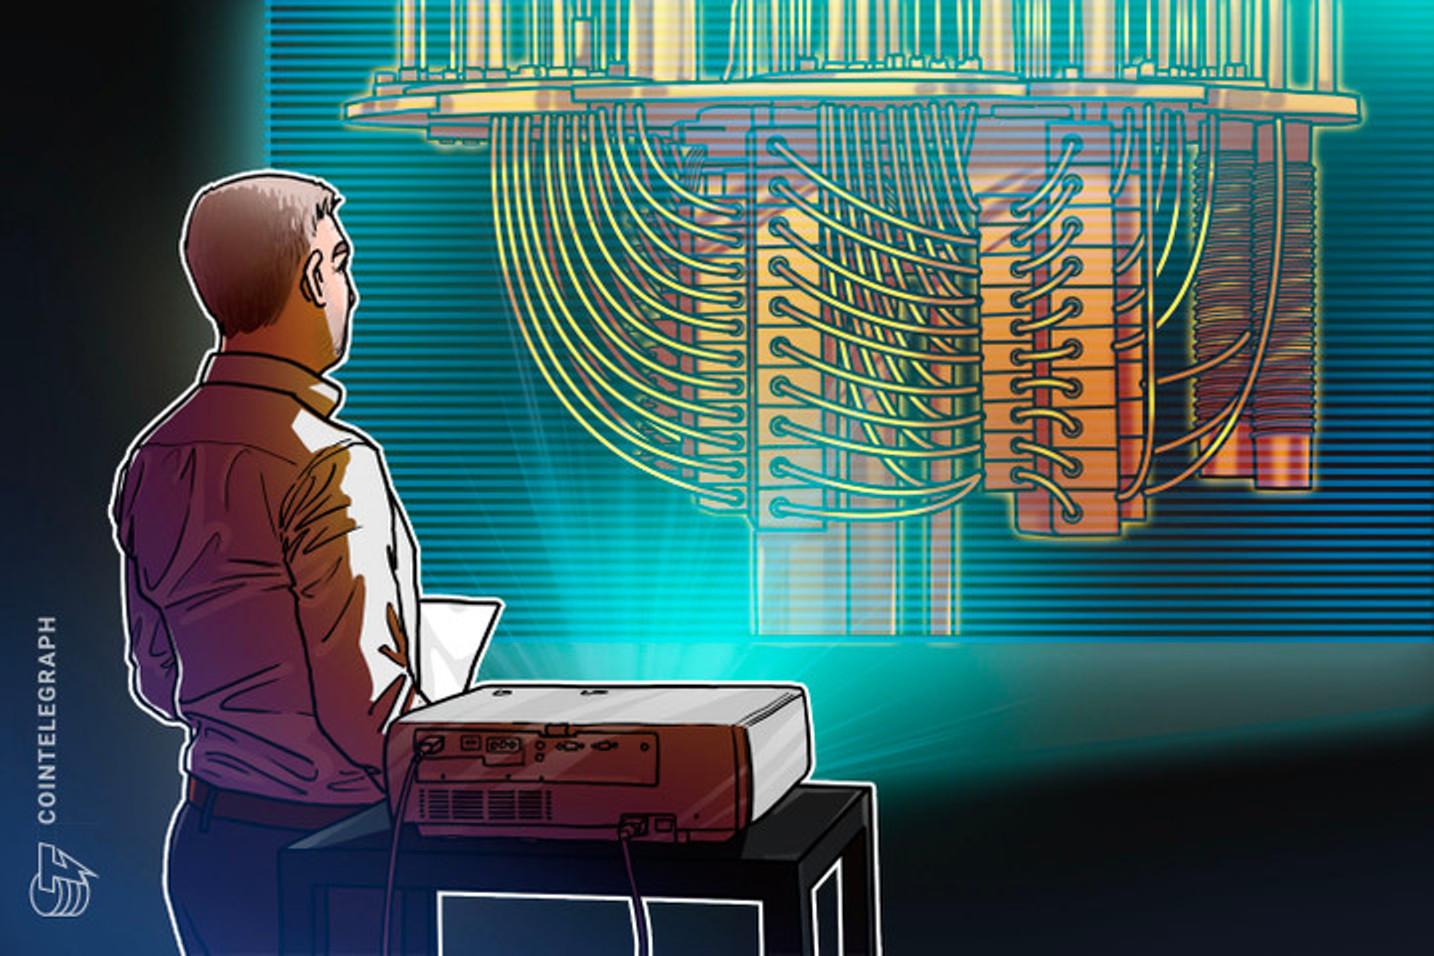 Director de IBM Research afirma que habrá un rápido desarrollo de la computación cuántica